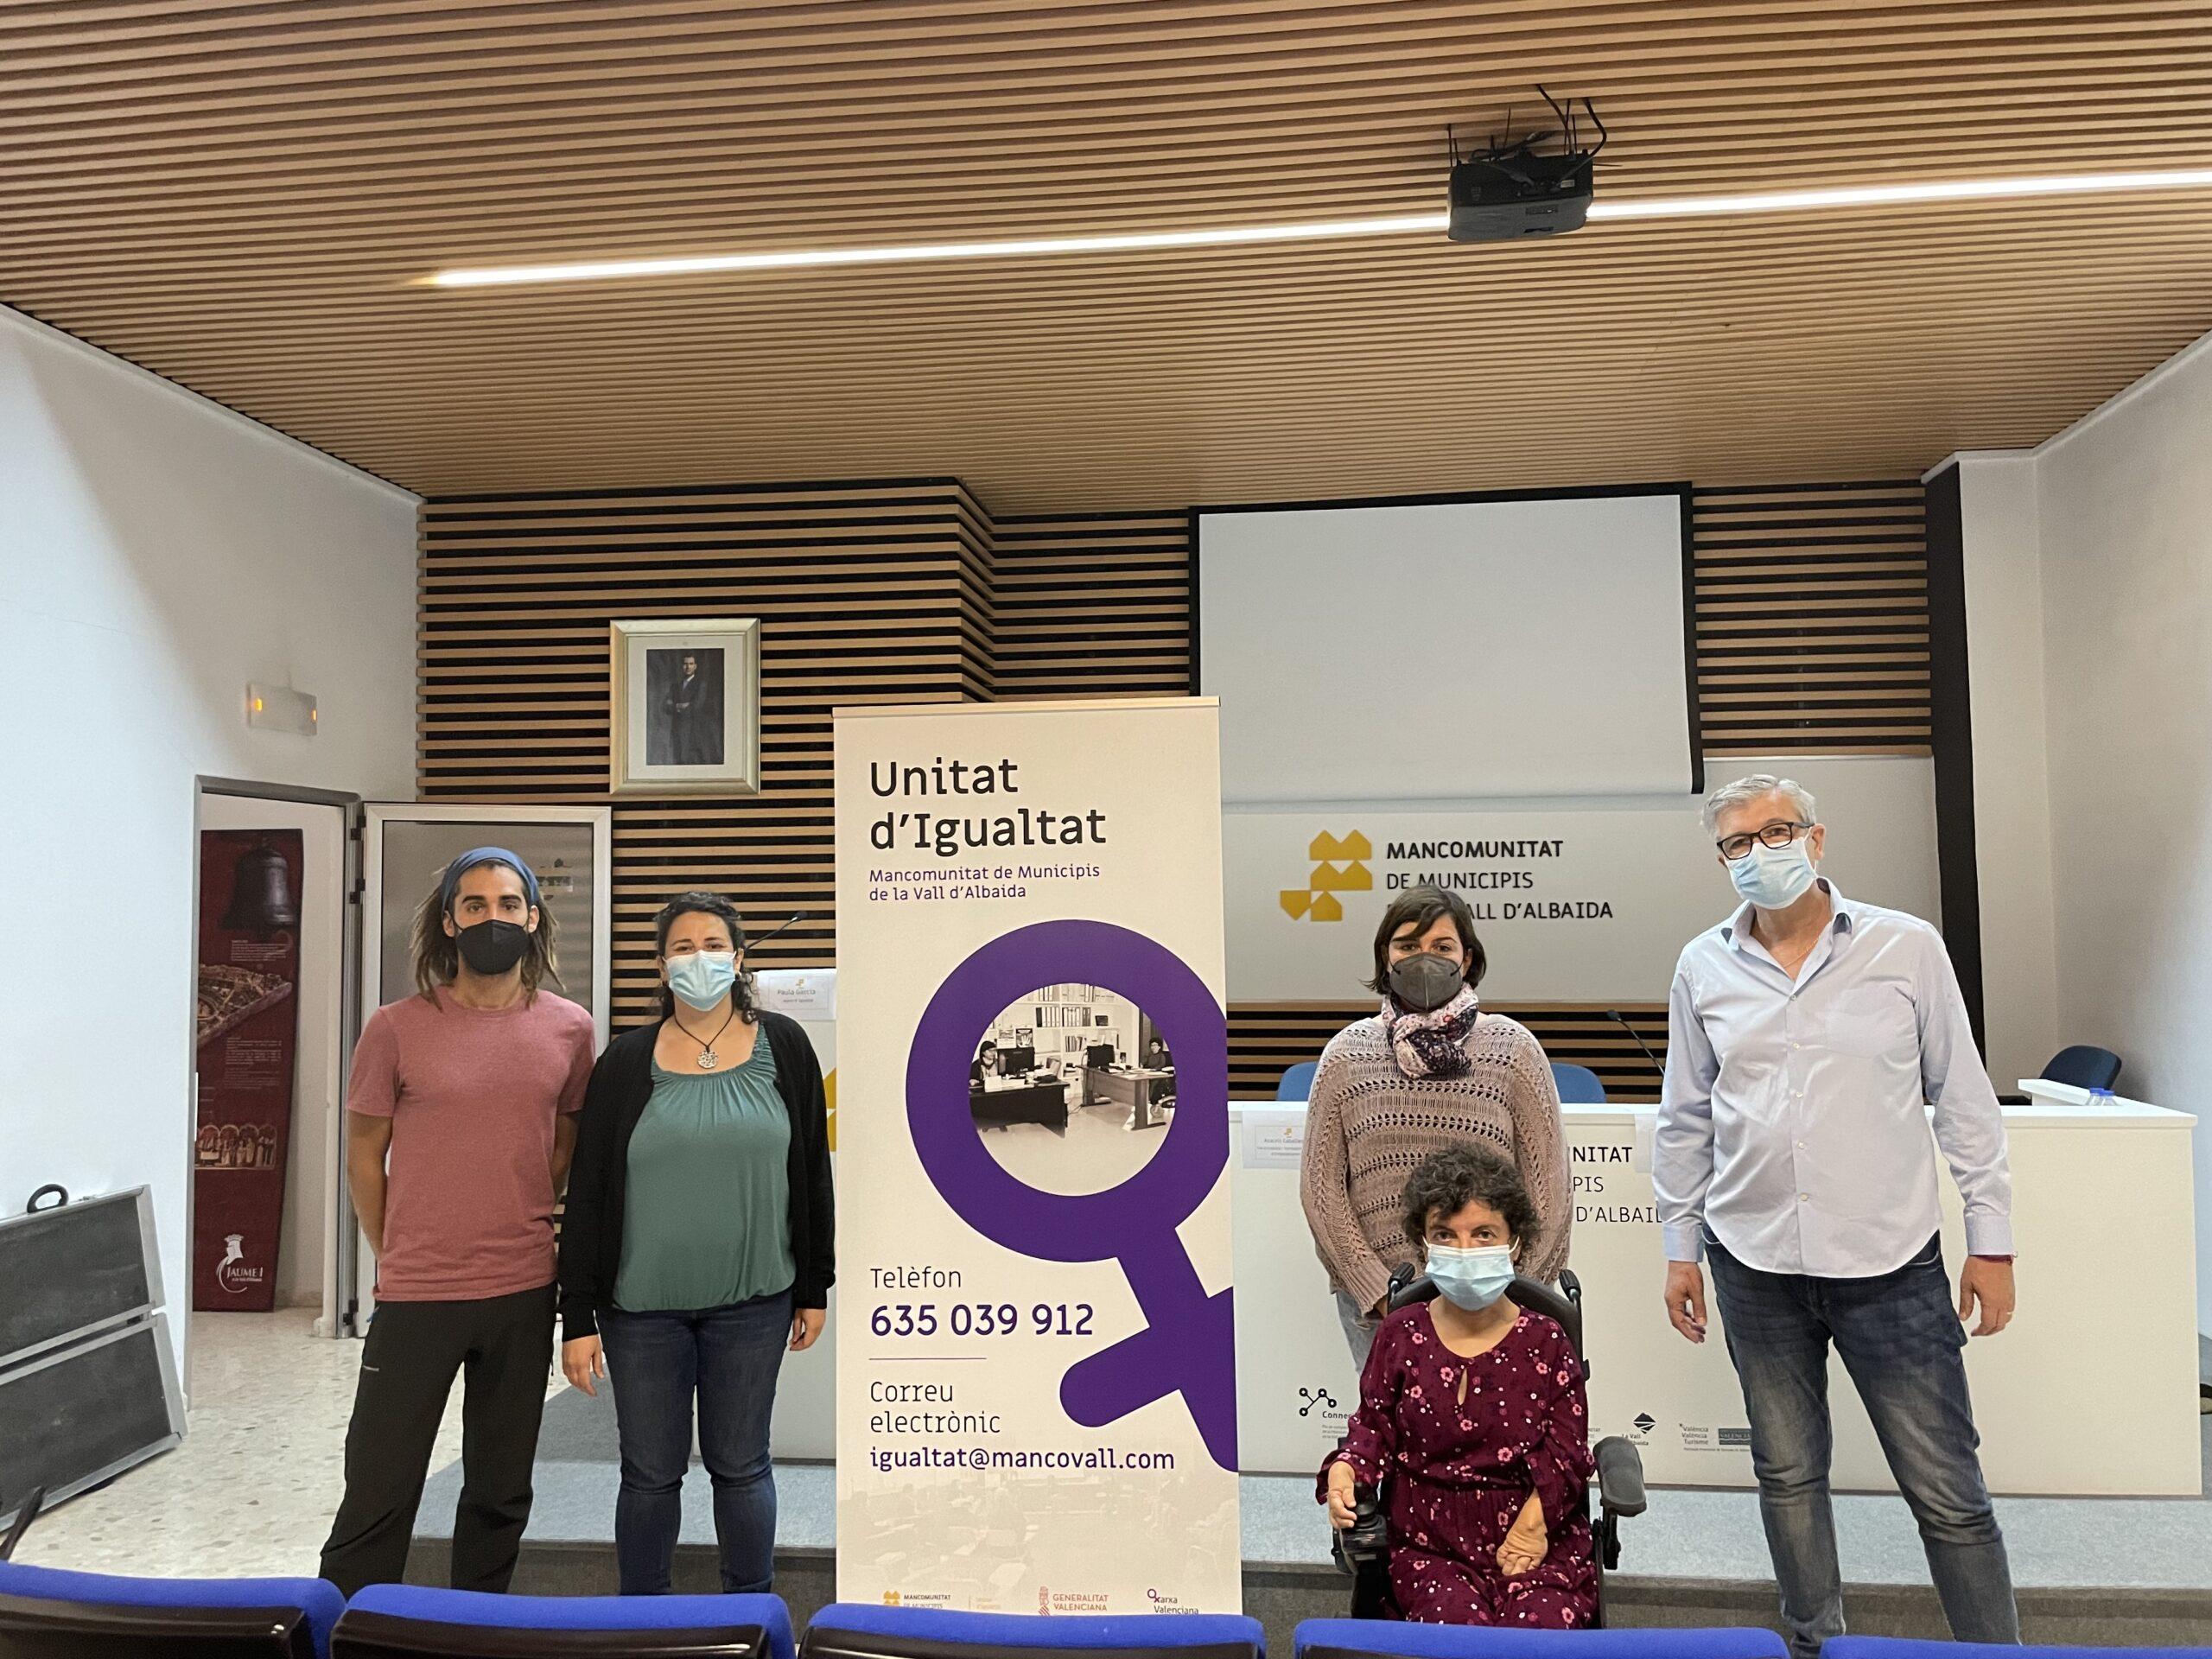 La programació de la Unitat d'Igualtat, la millor arma per combatre les violències masclistes El Periòdic d'Ontinyent - Noticies a Ontinyent